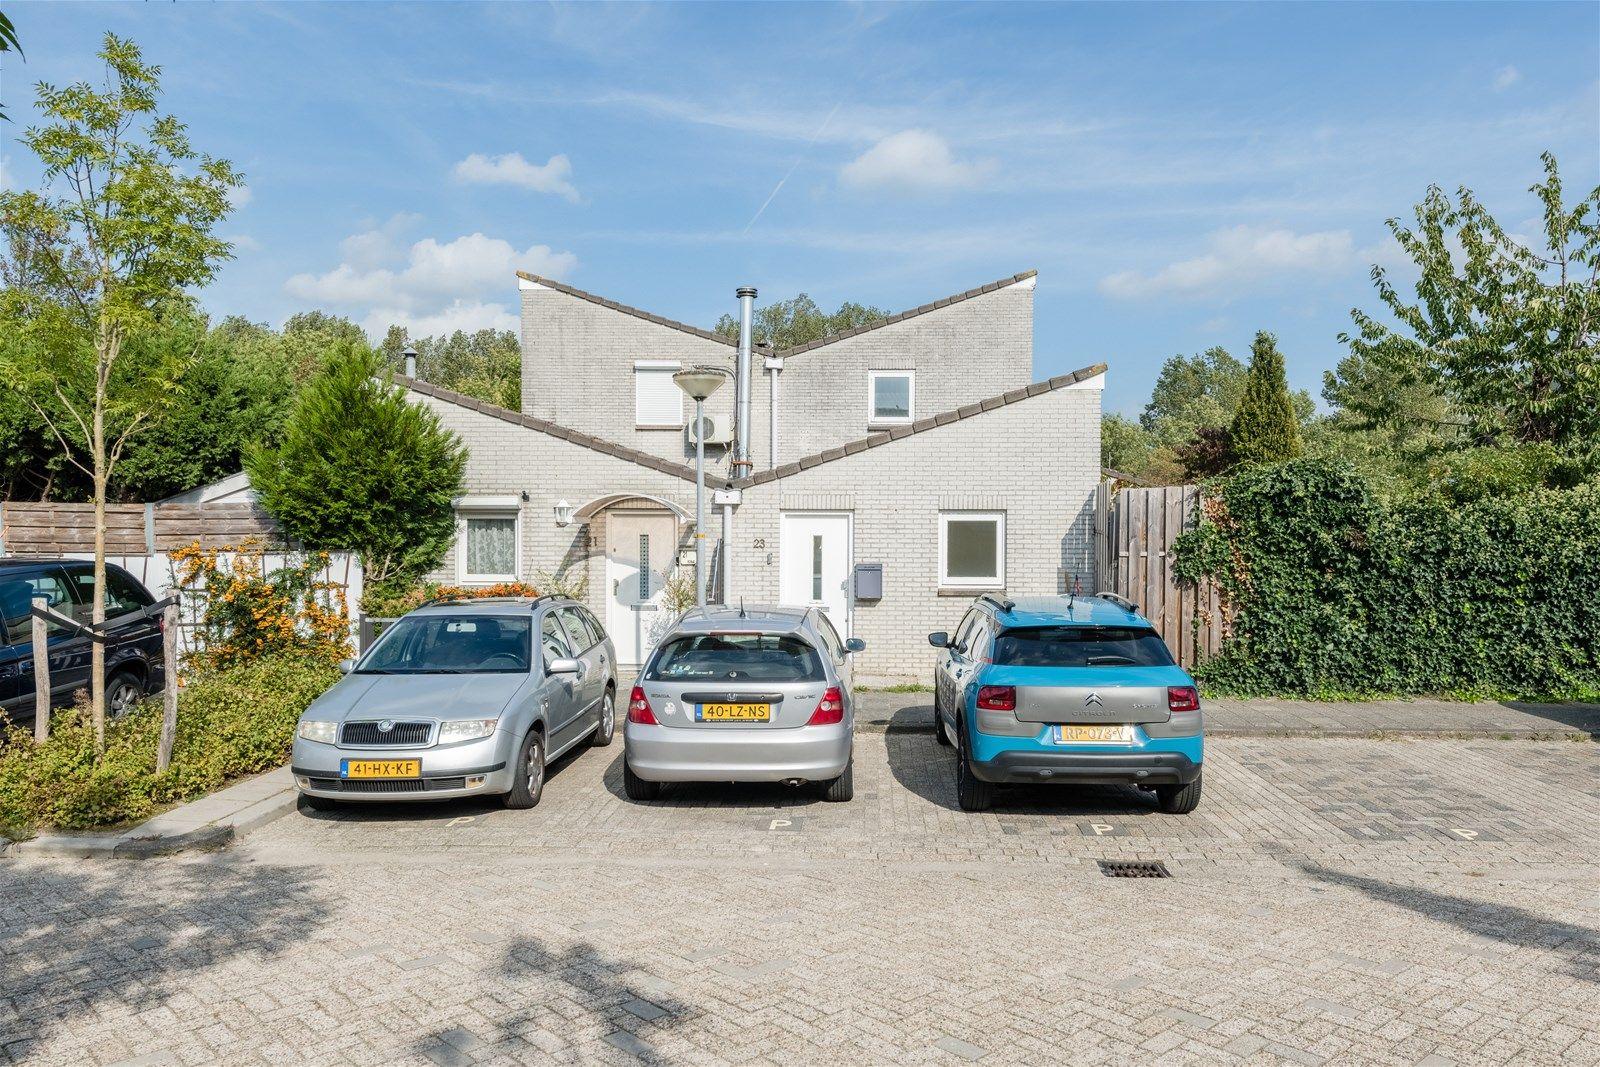 G.A. Overdijkinkstraat 23, Almere